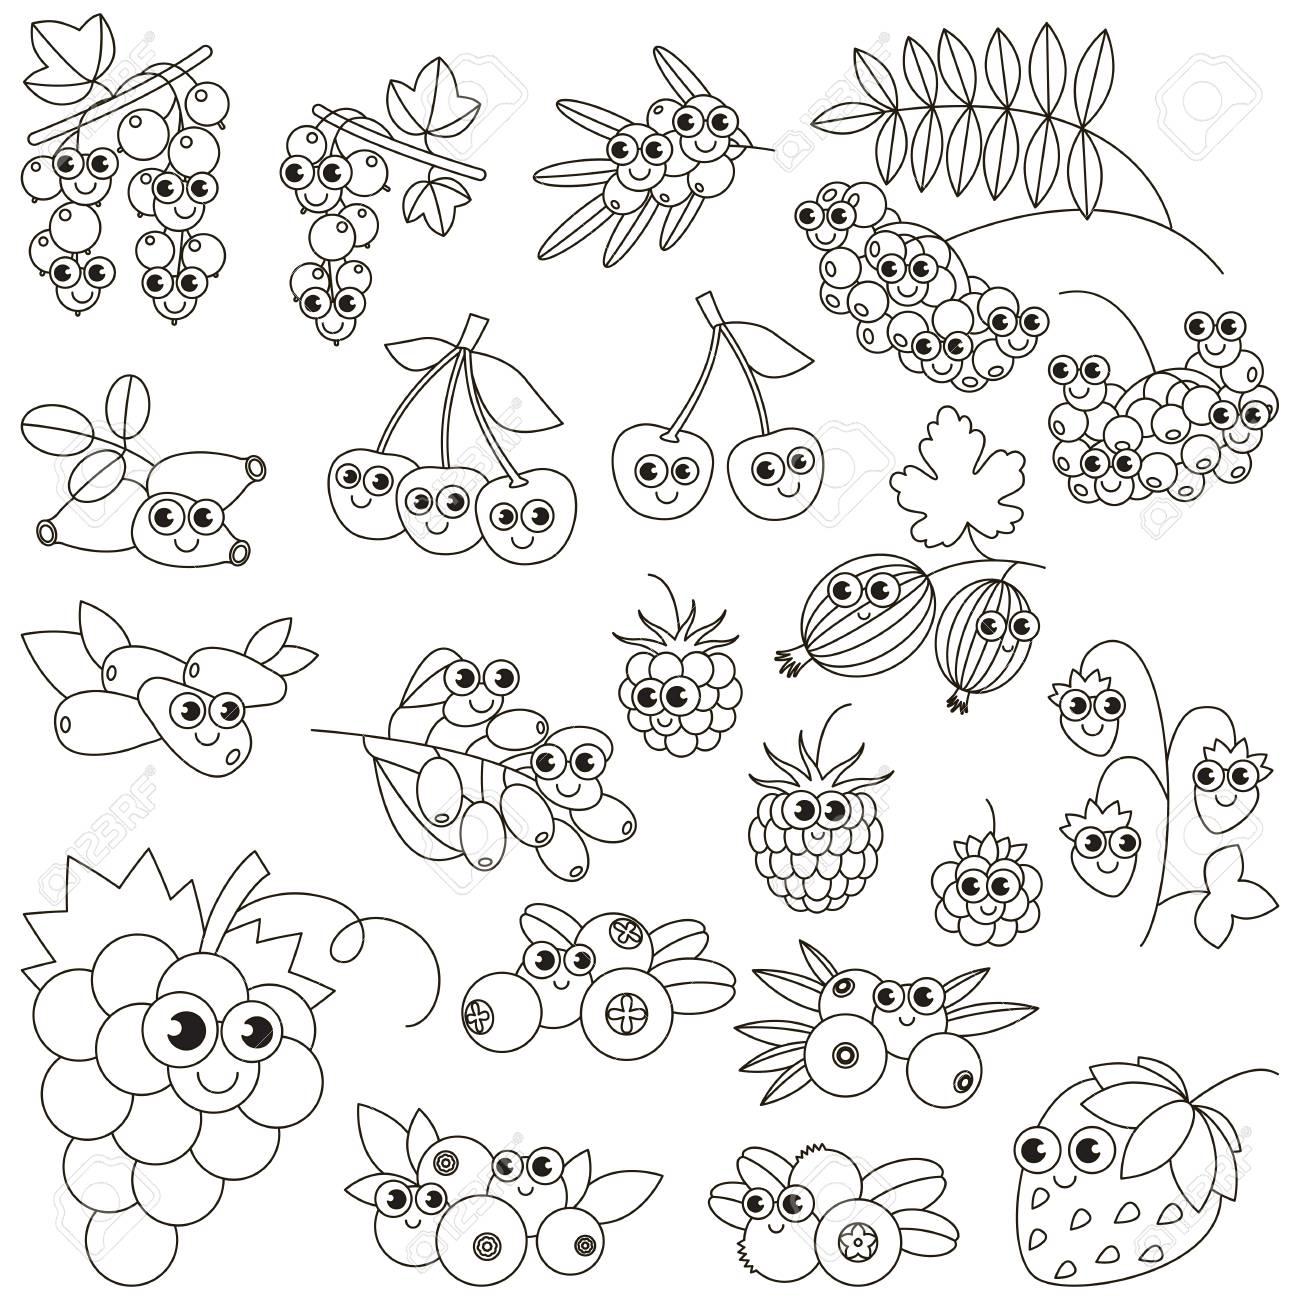 Conjunto De Divertidos Dibujos Animados Bayas Para Colorear Libro De Colorear Para Educar A Los Niños Aprende Colores Juego Educativo Visual Fácil